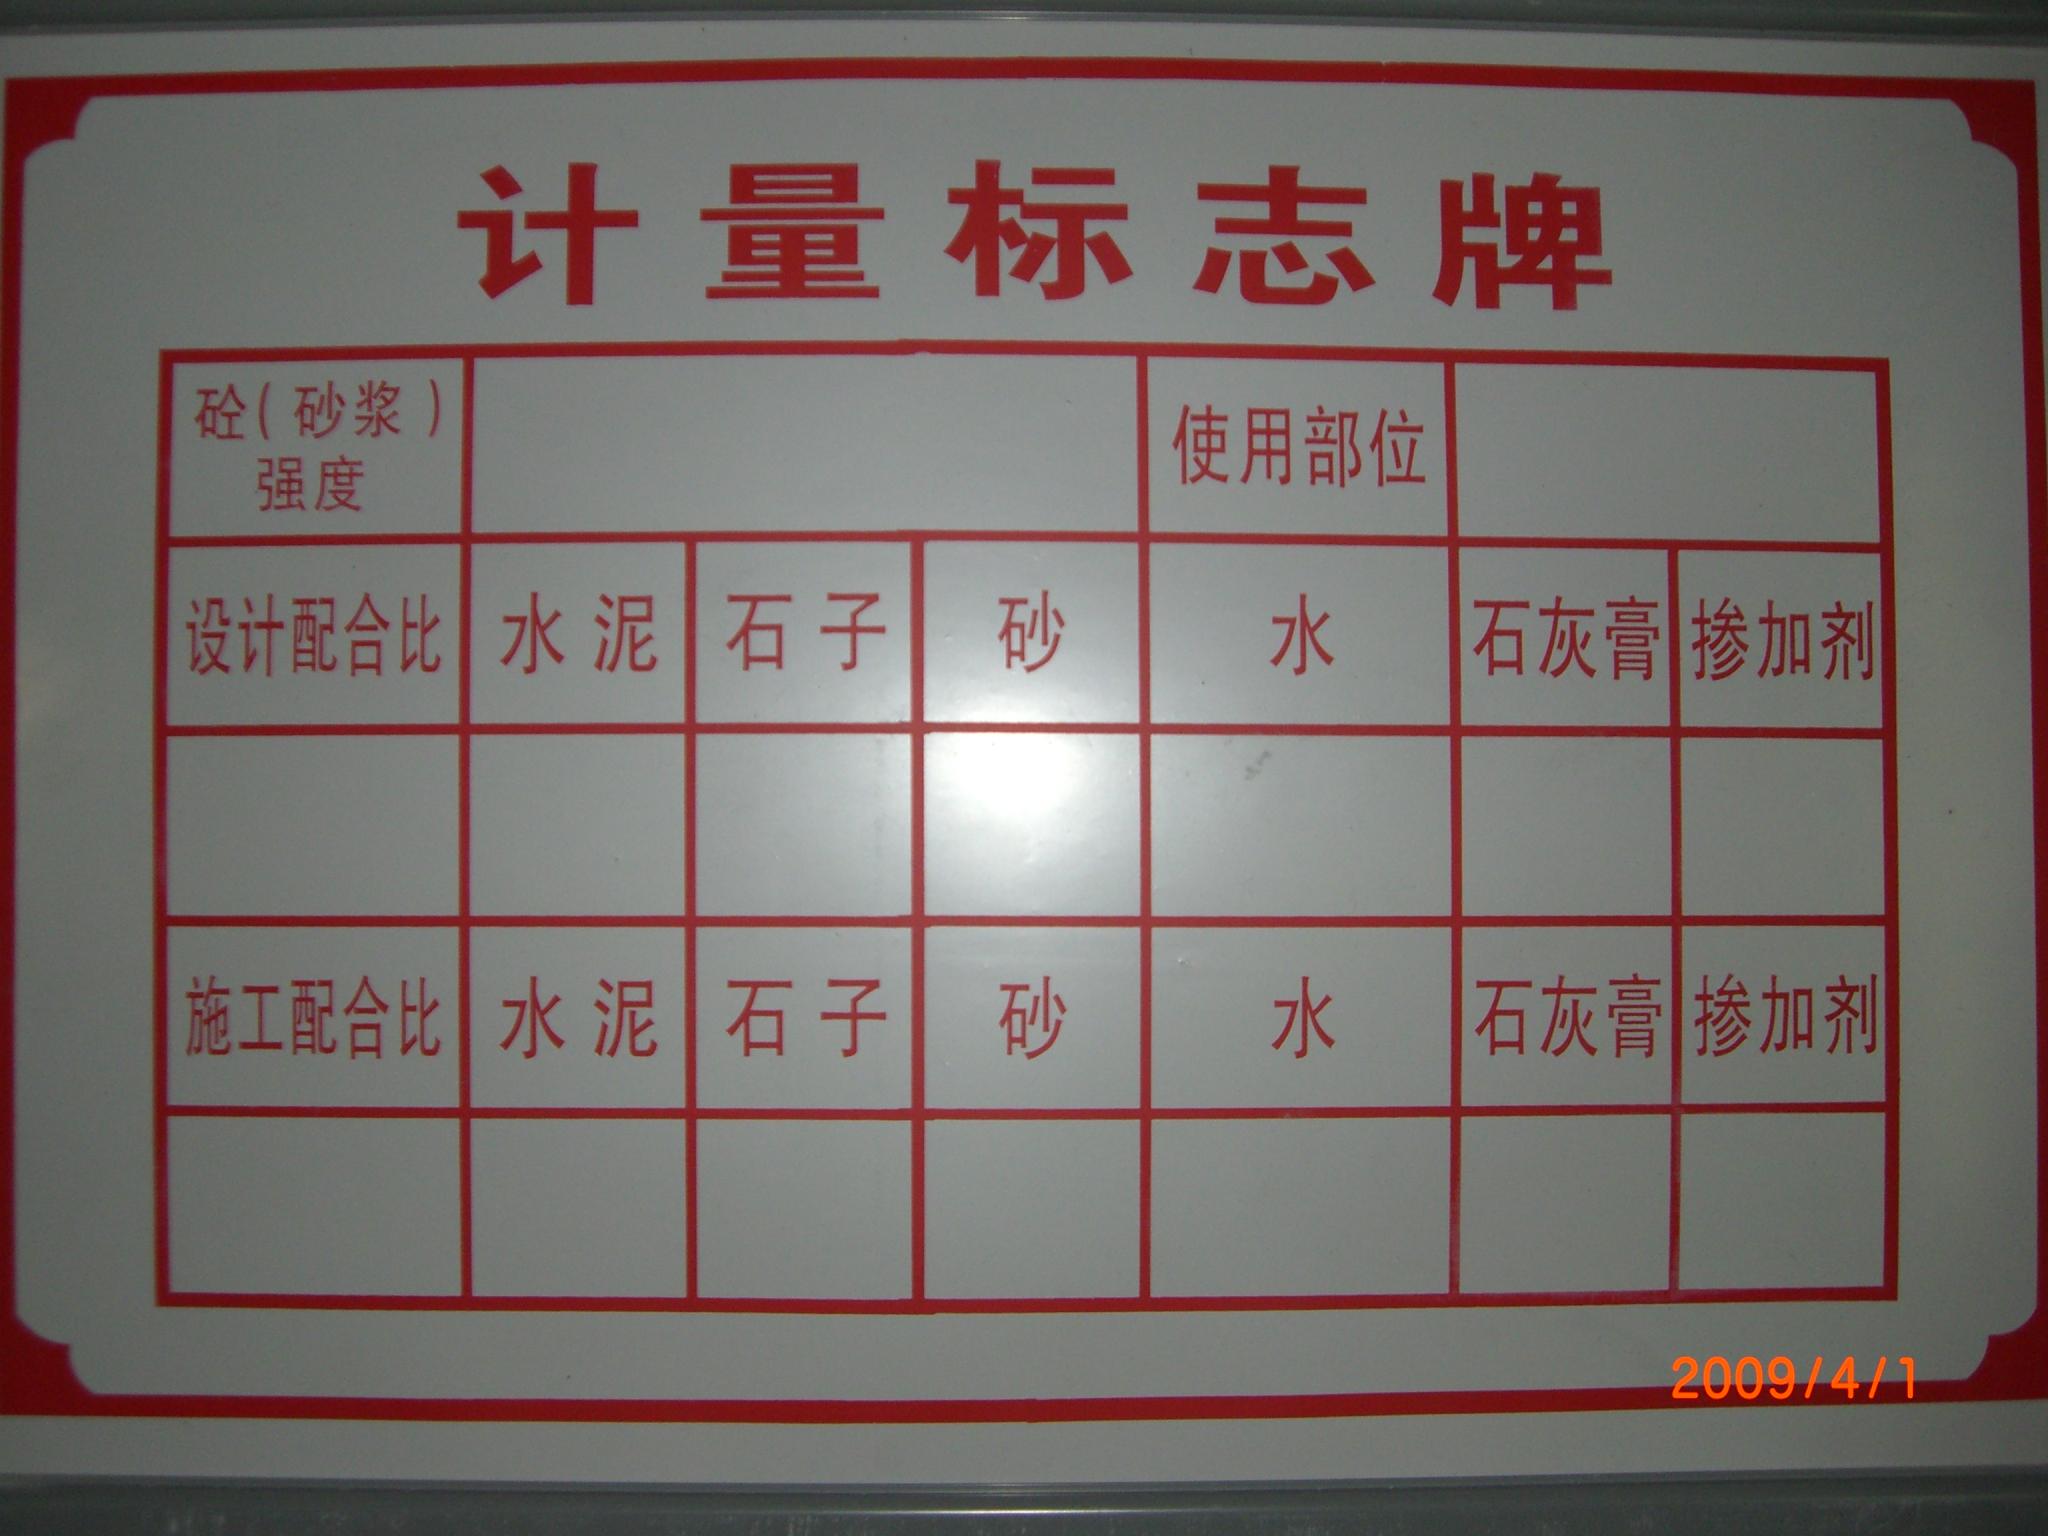 电工电路图标识规则